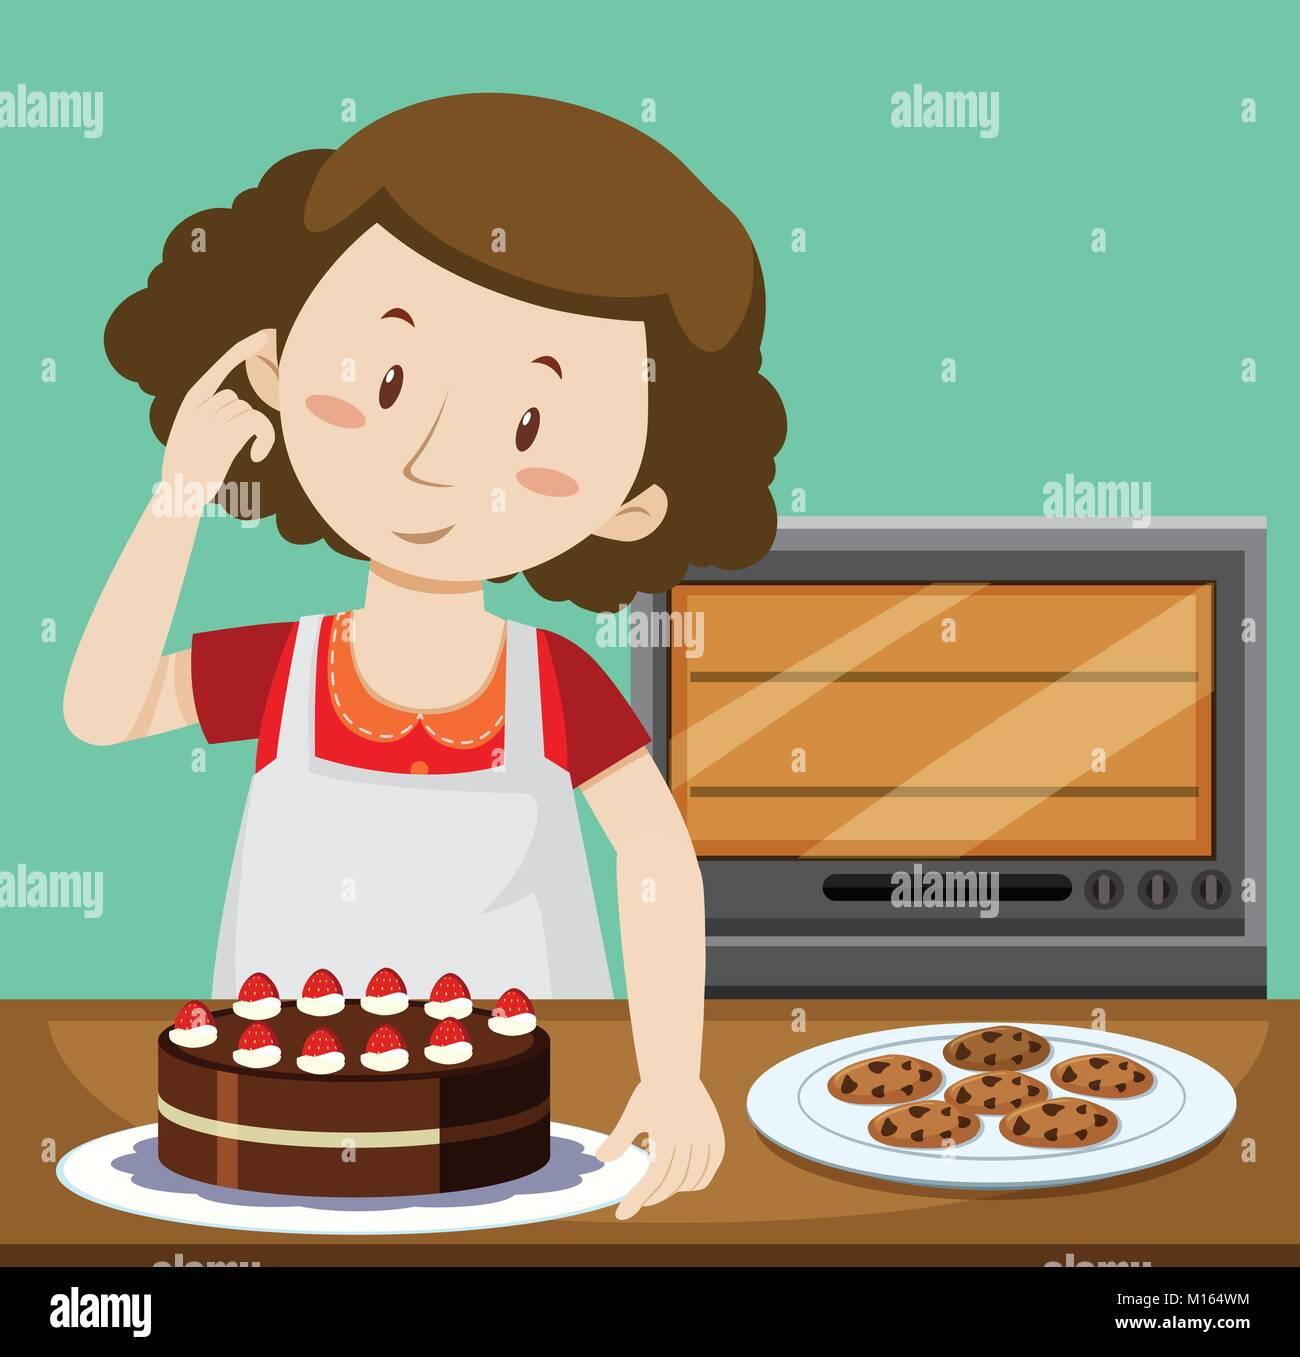 Frau Backen Kuchen Und Kekse Abbildung Vektor Abbildung Bild